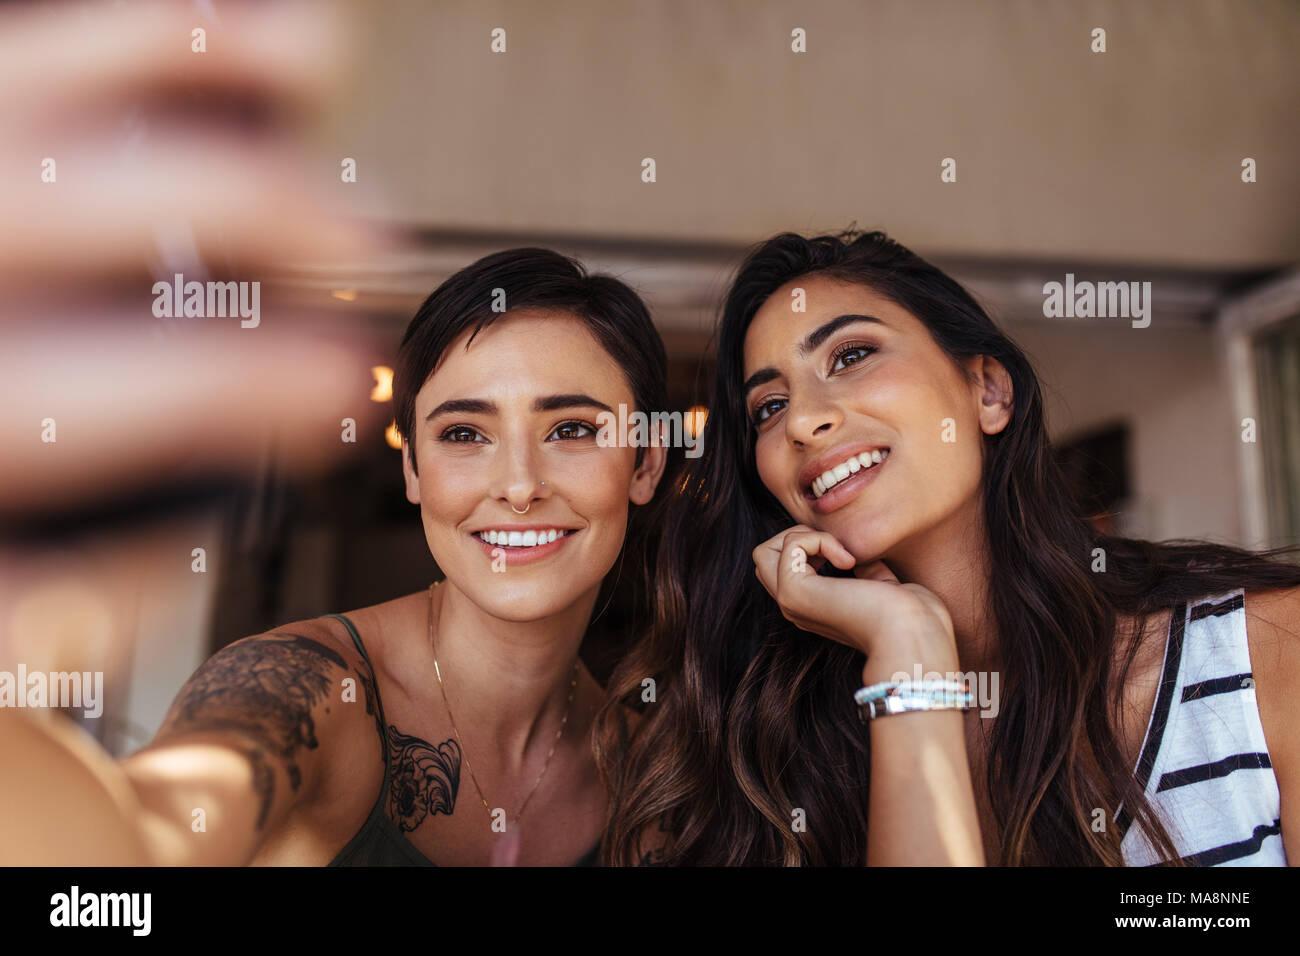 Dos mujeres sentadas afuera mirando un teléfono móvil. Mujer sonriente posando para un selfie. Imagen De Stock